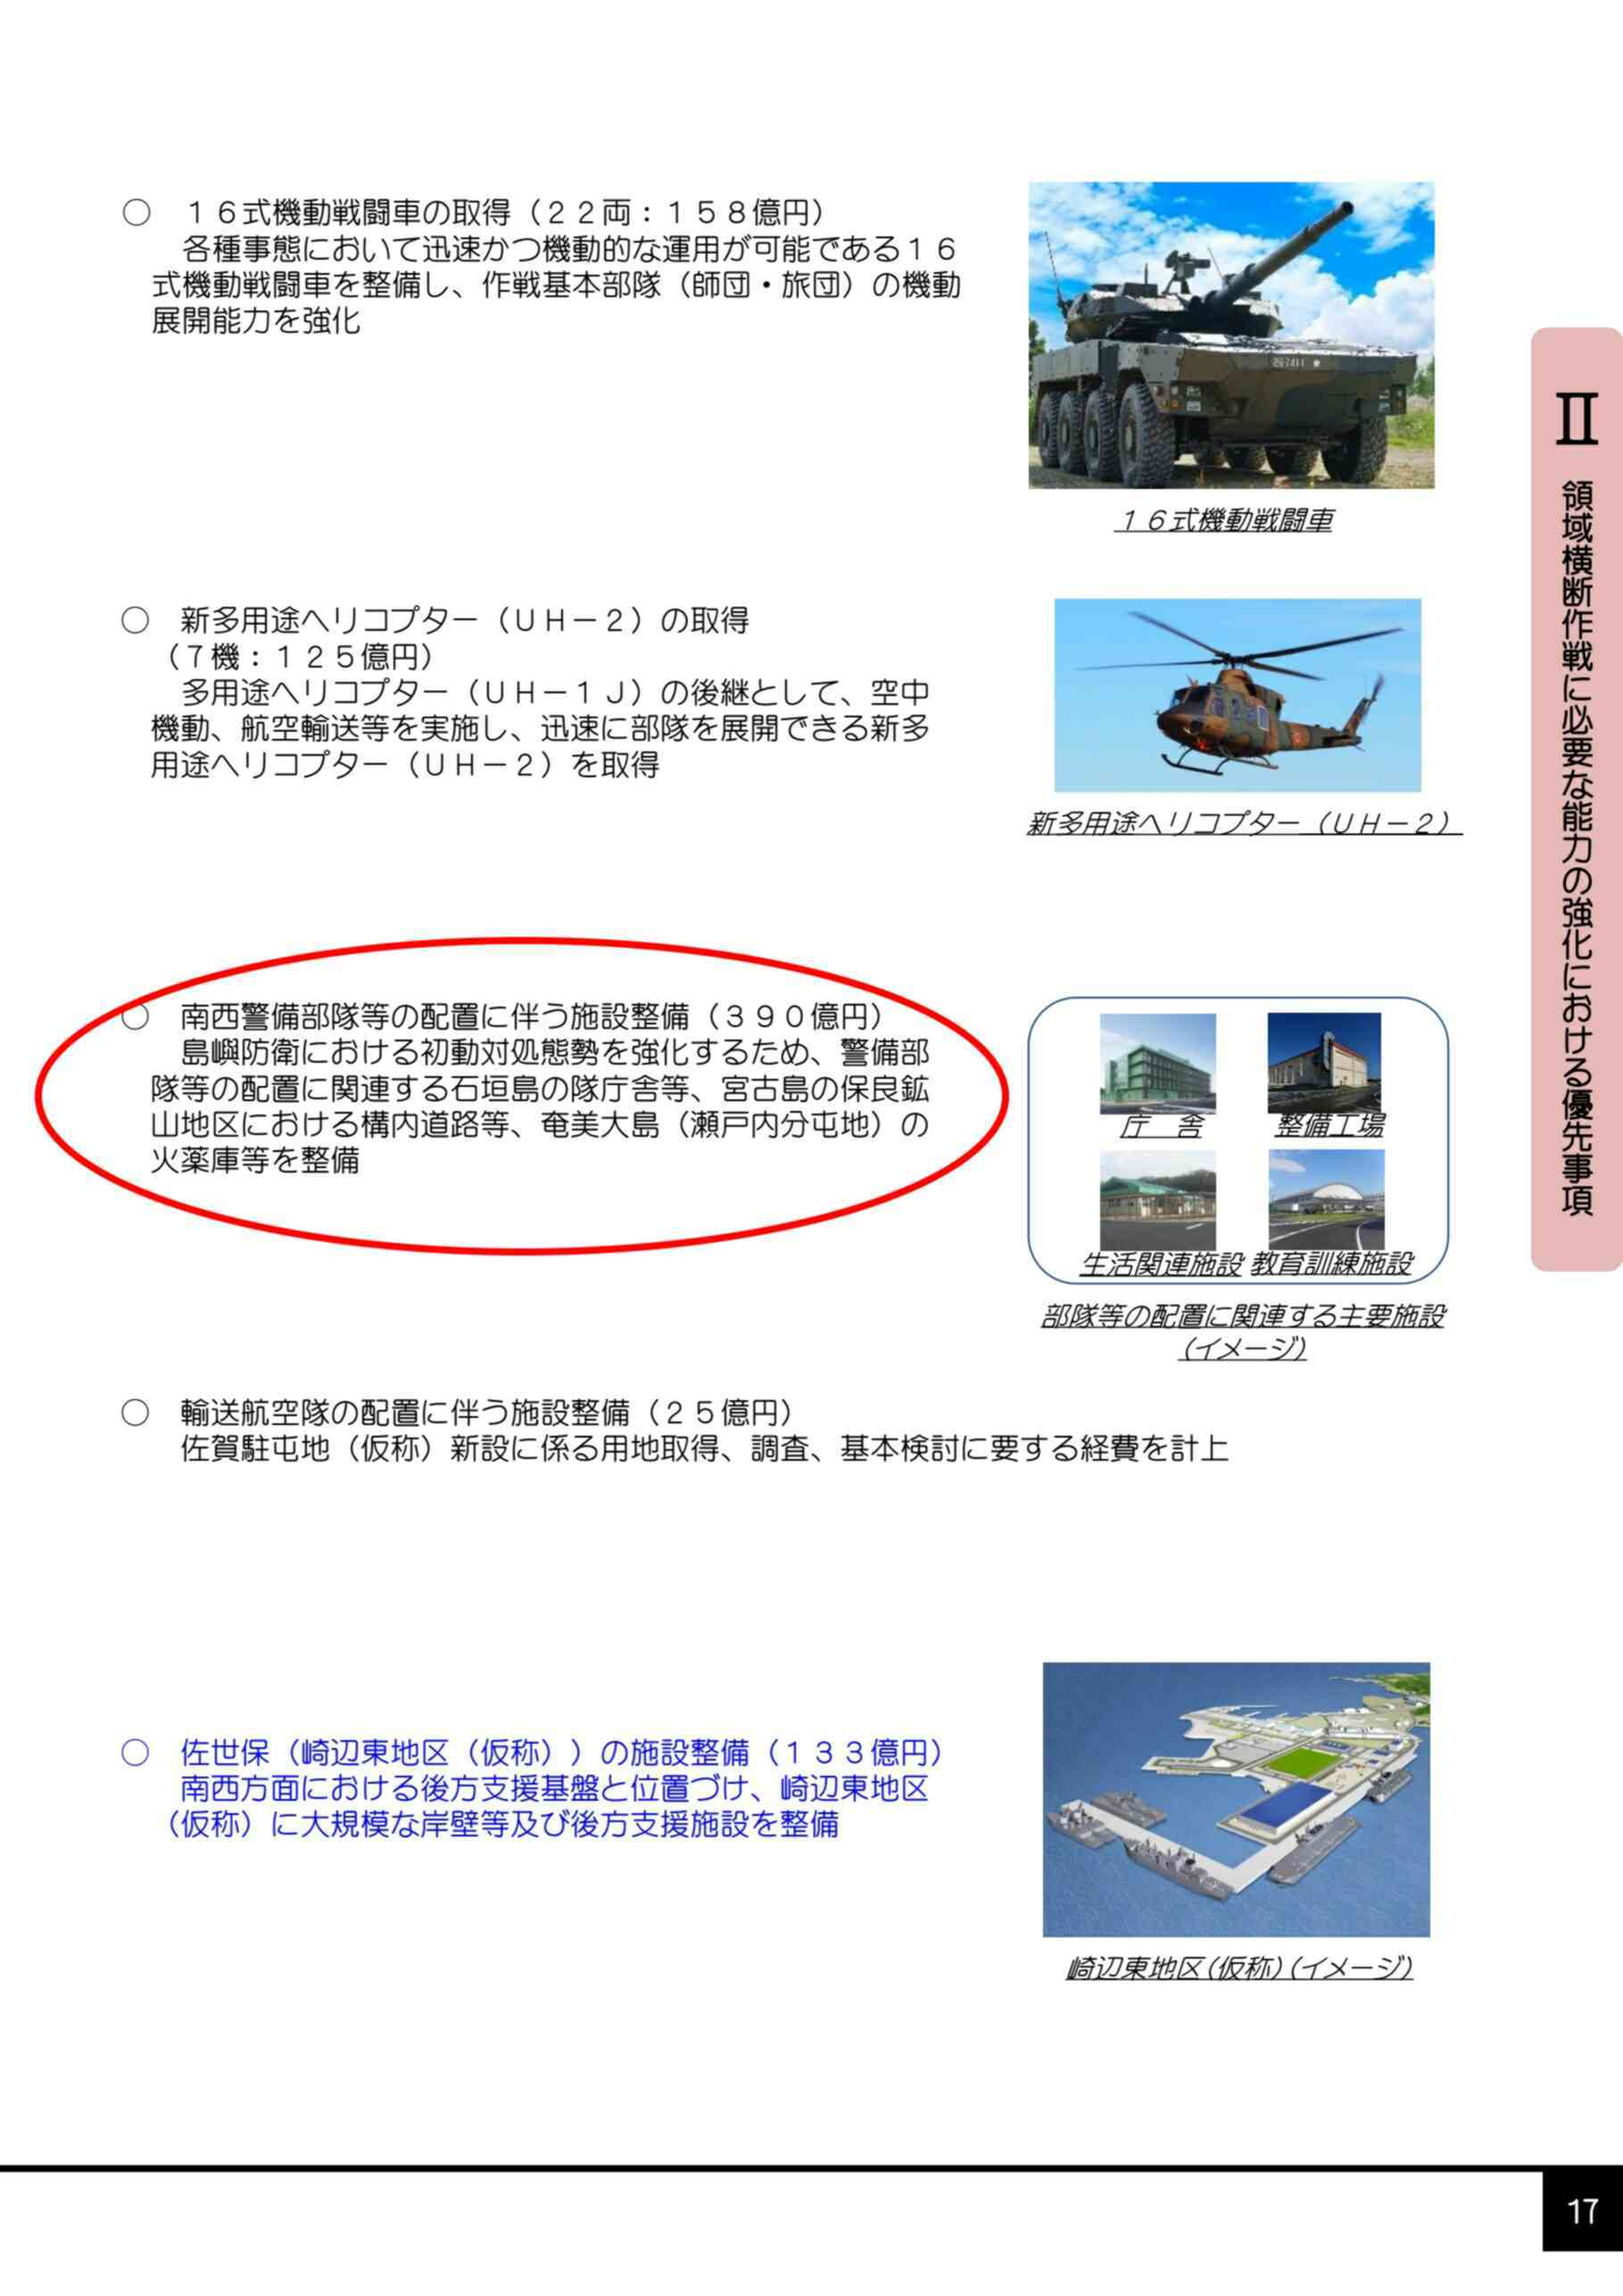 我が国の防衛と予算(案)2021年度予算の概要0021